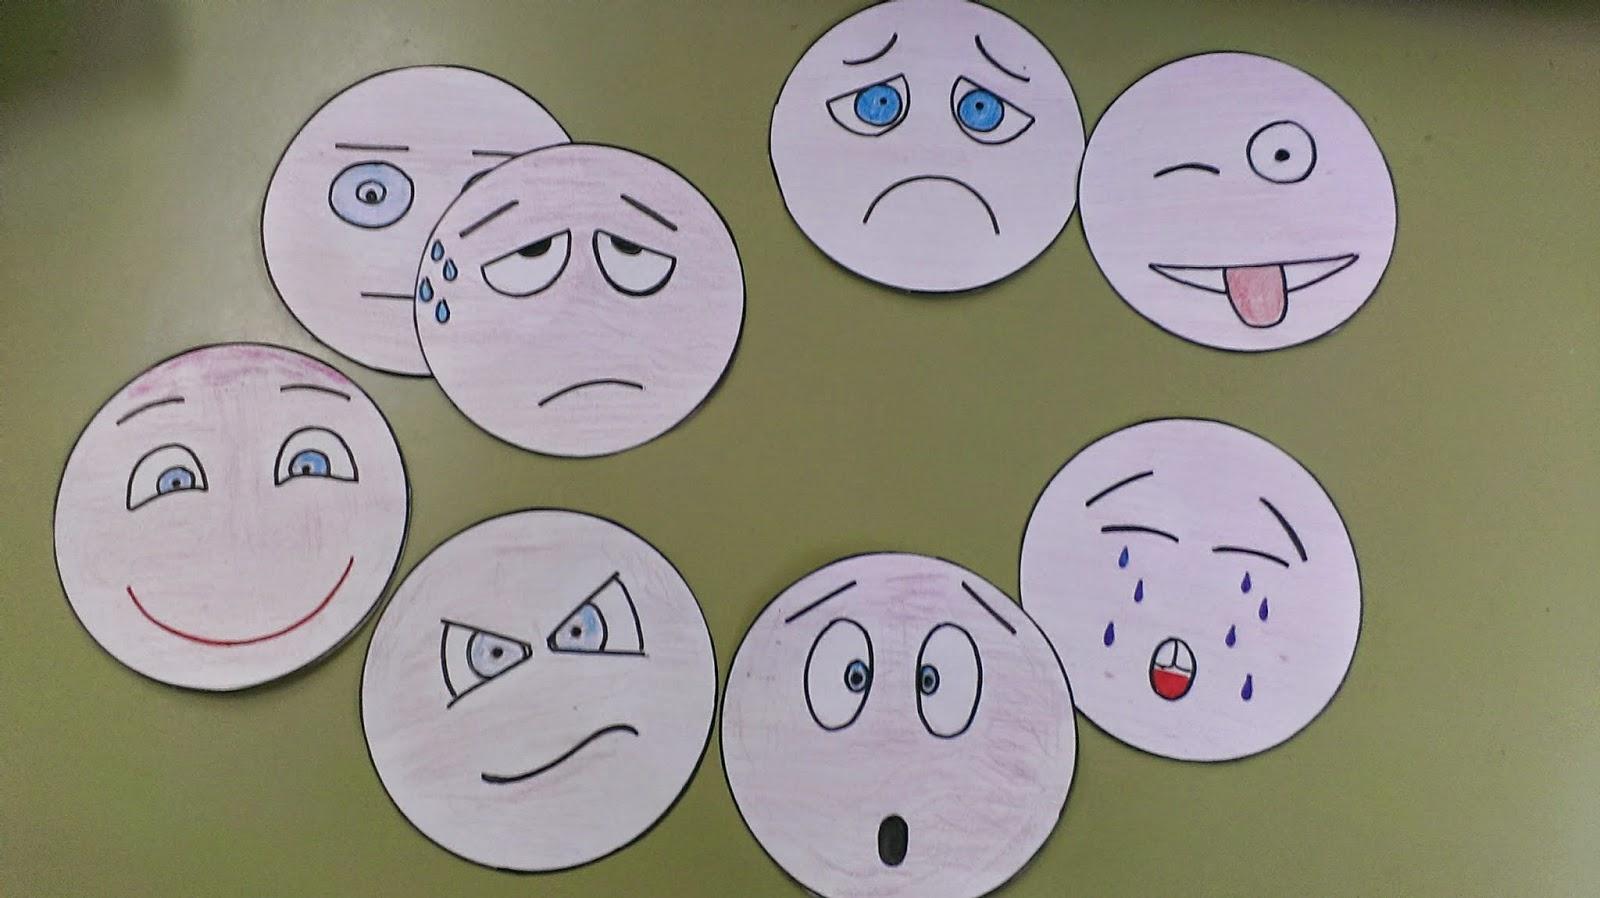 Para Niños De Dibujos Animados Caras Diferentes: Imágenes De Caras Con Diferentes Estados De ánimo